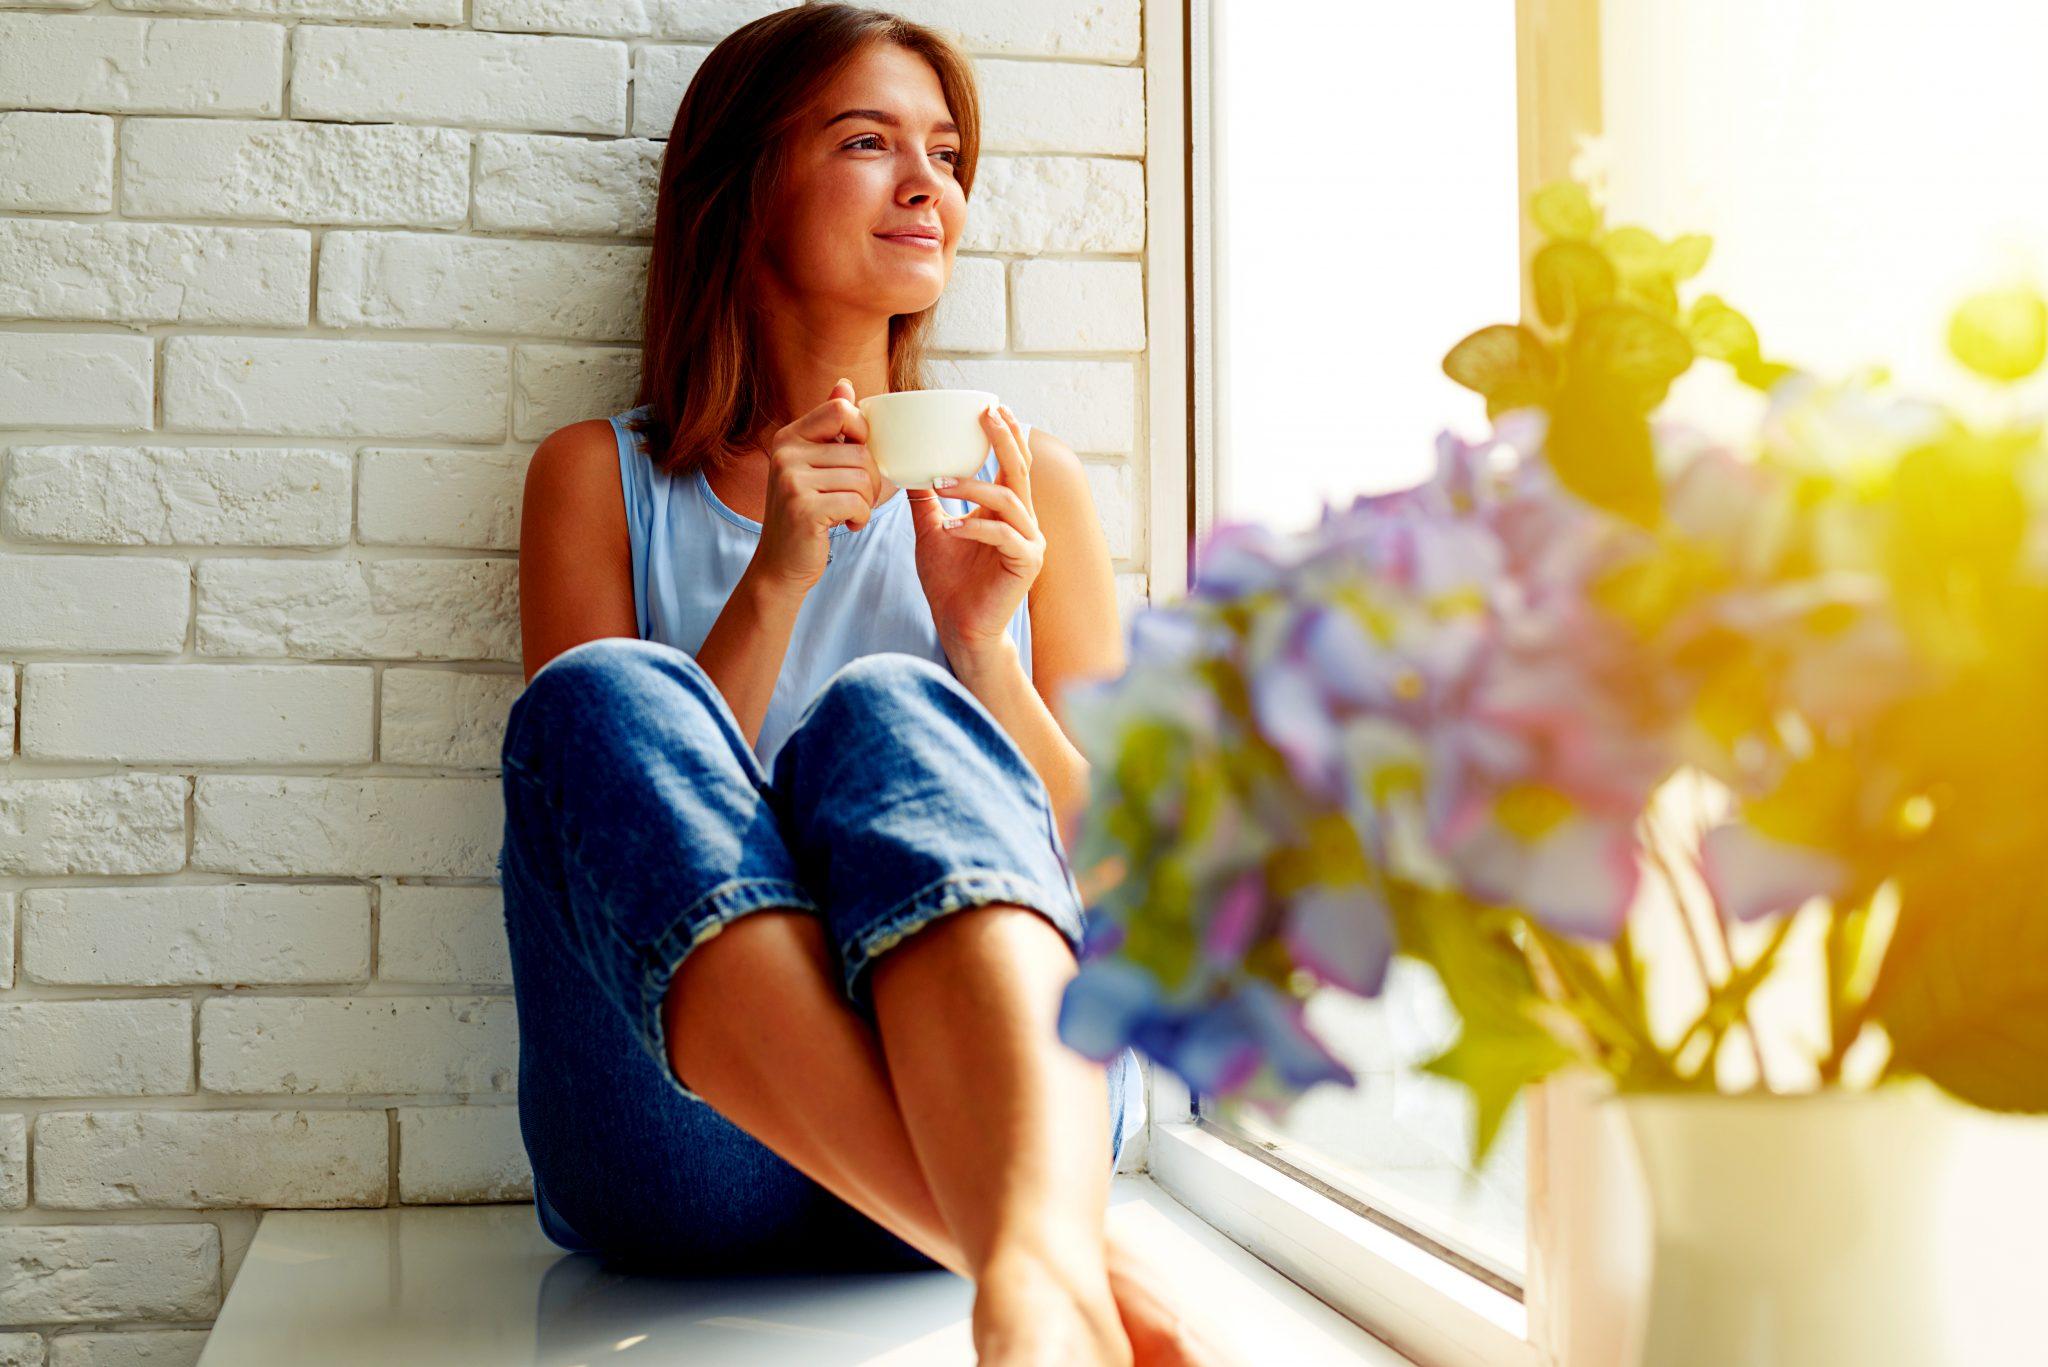 窓際でお茶を飲みながらゆったりしている女性